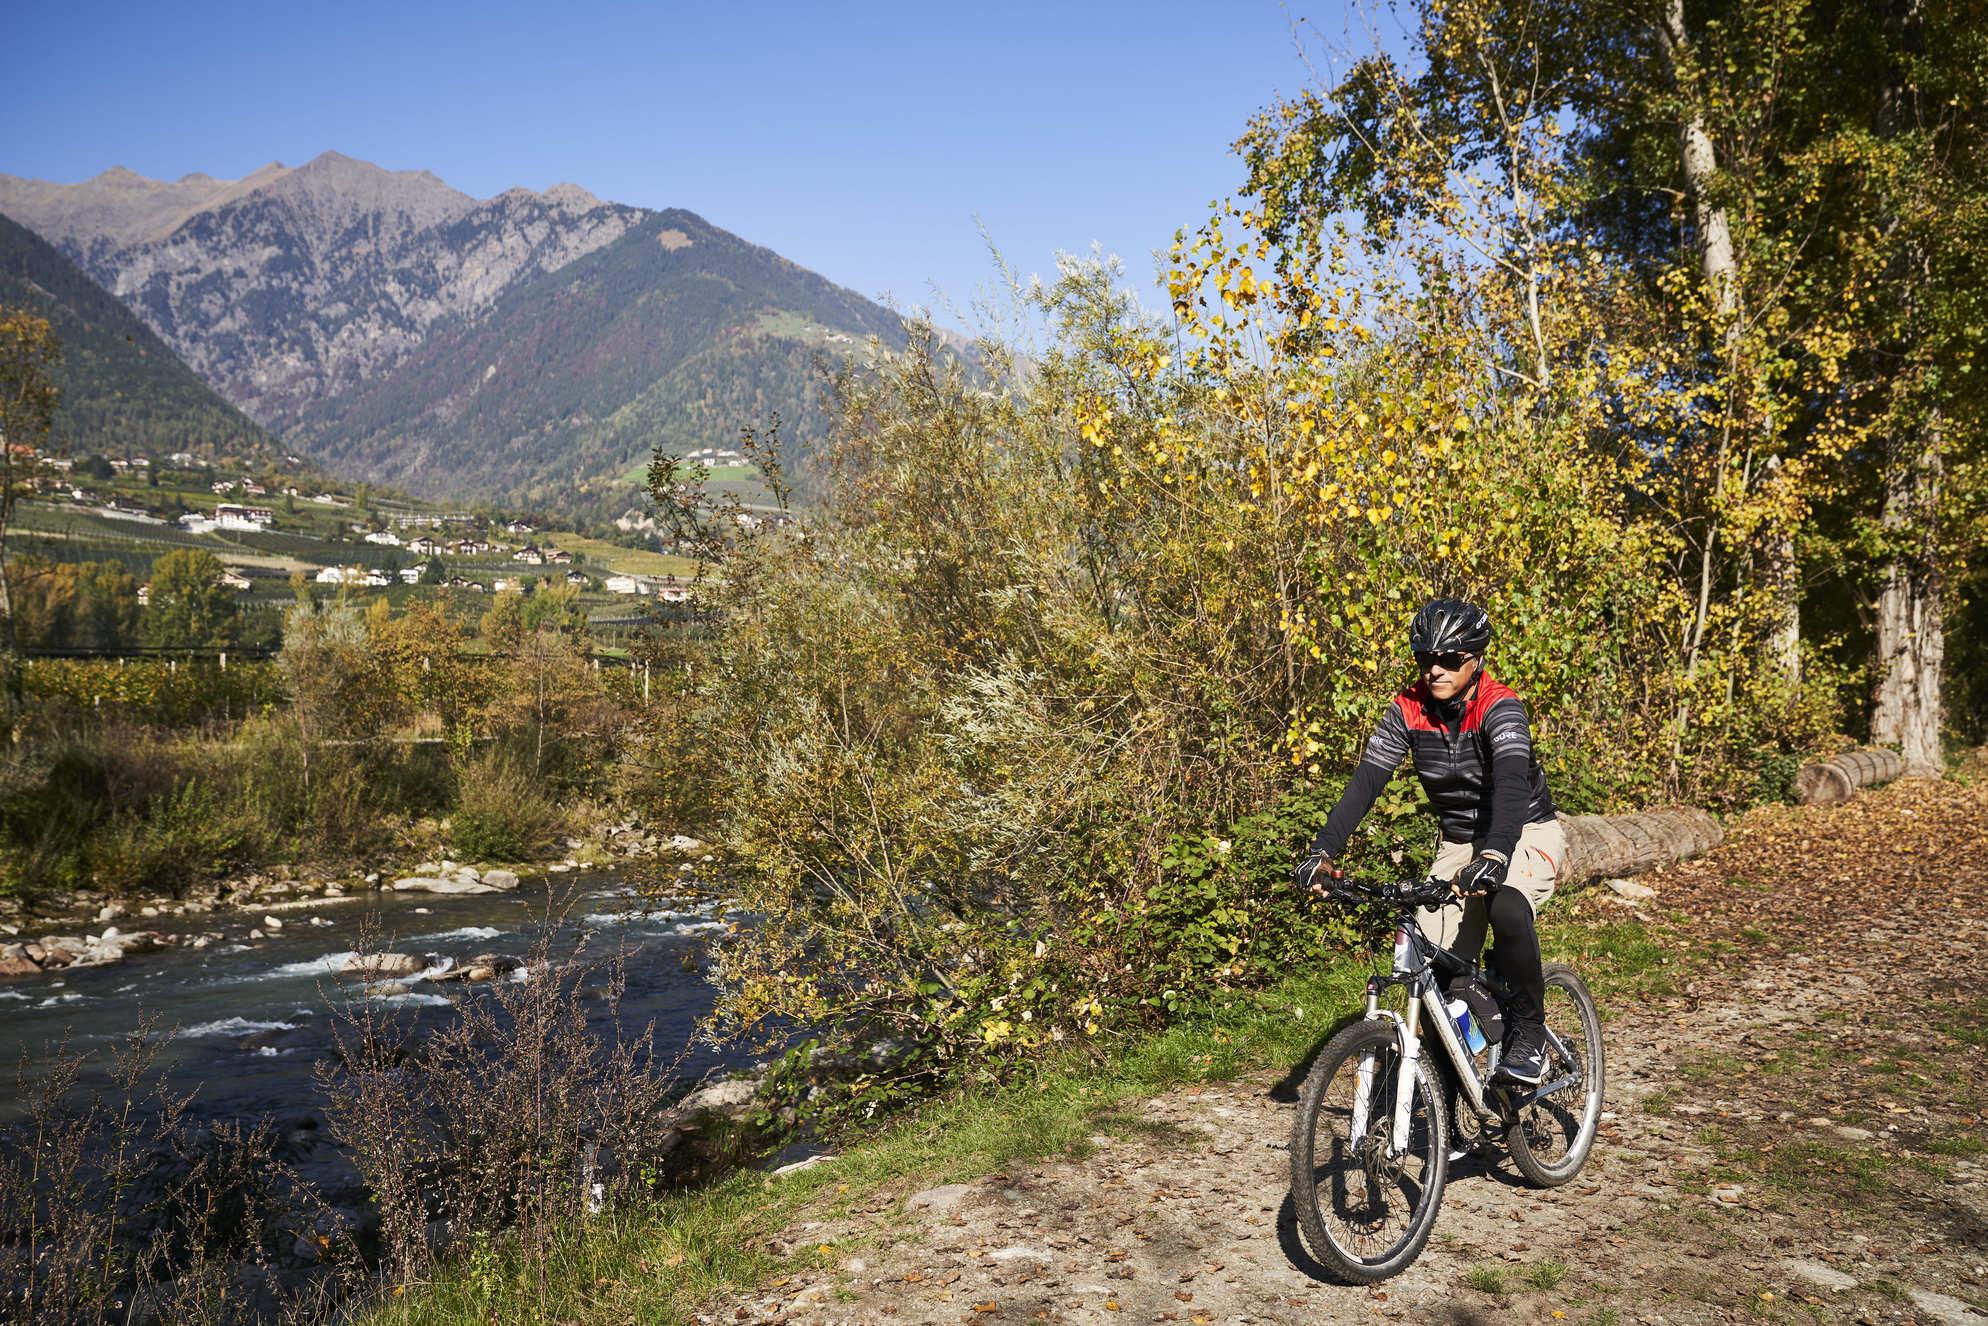 Turismo e bici: Merano è pronta alla nuova stagione ...